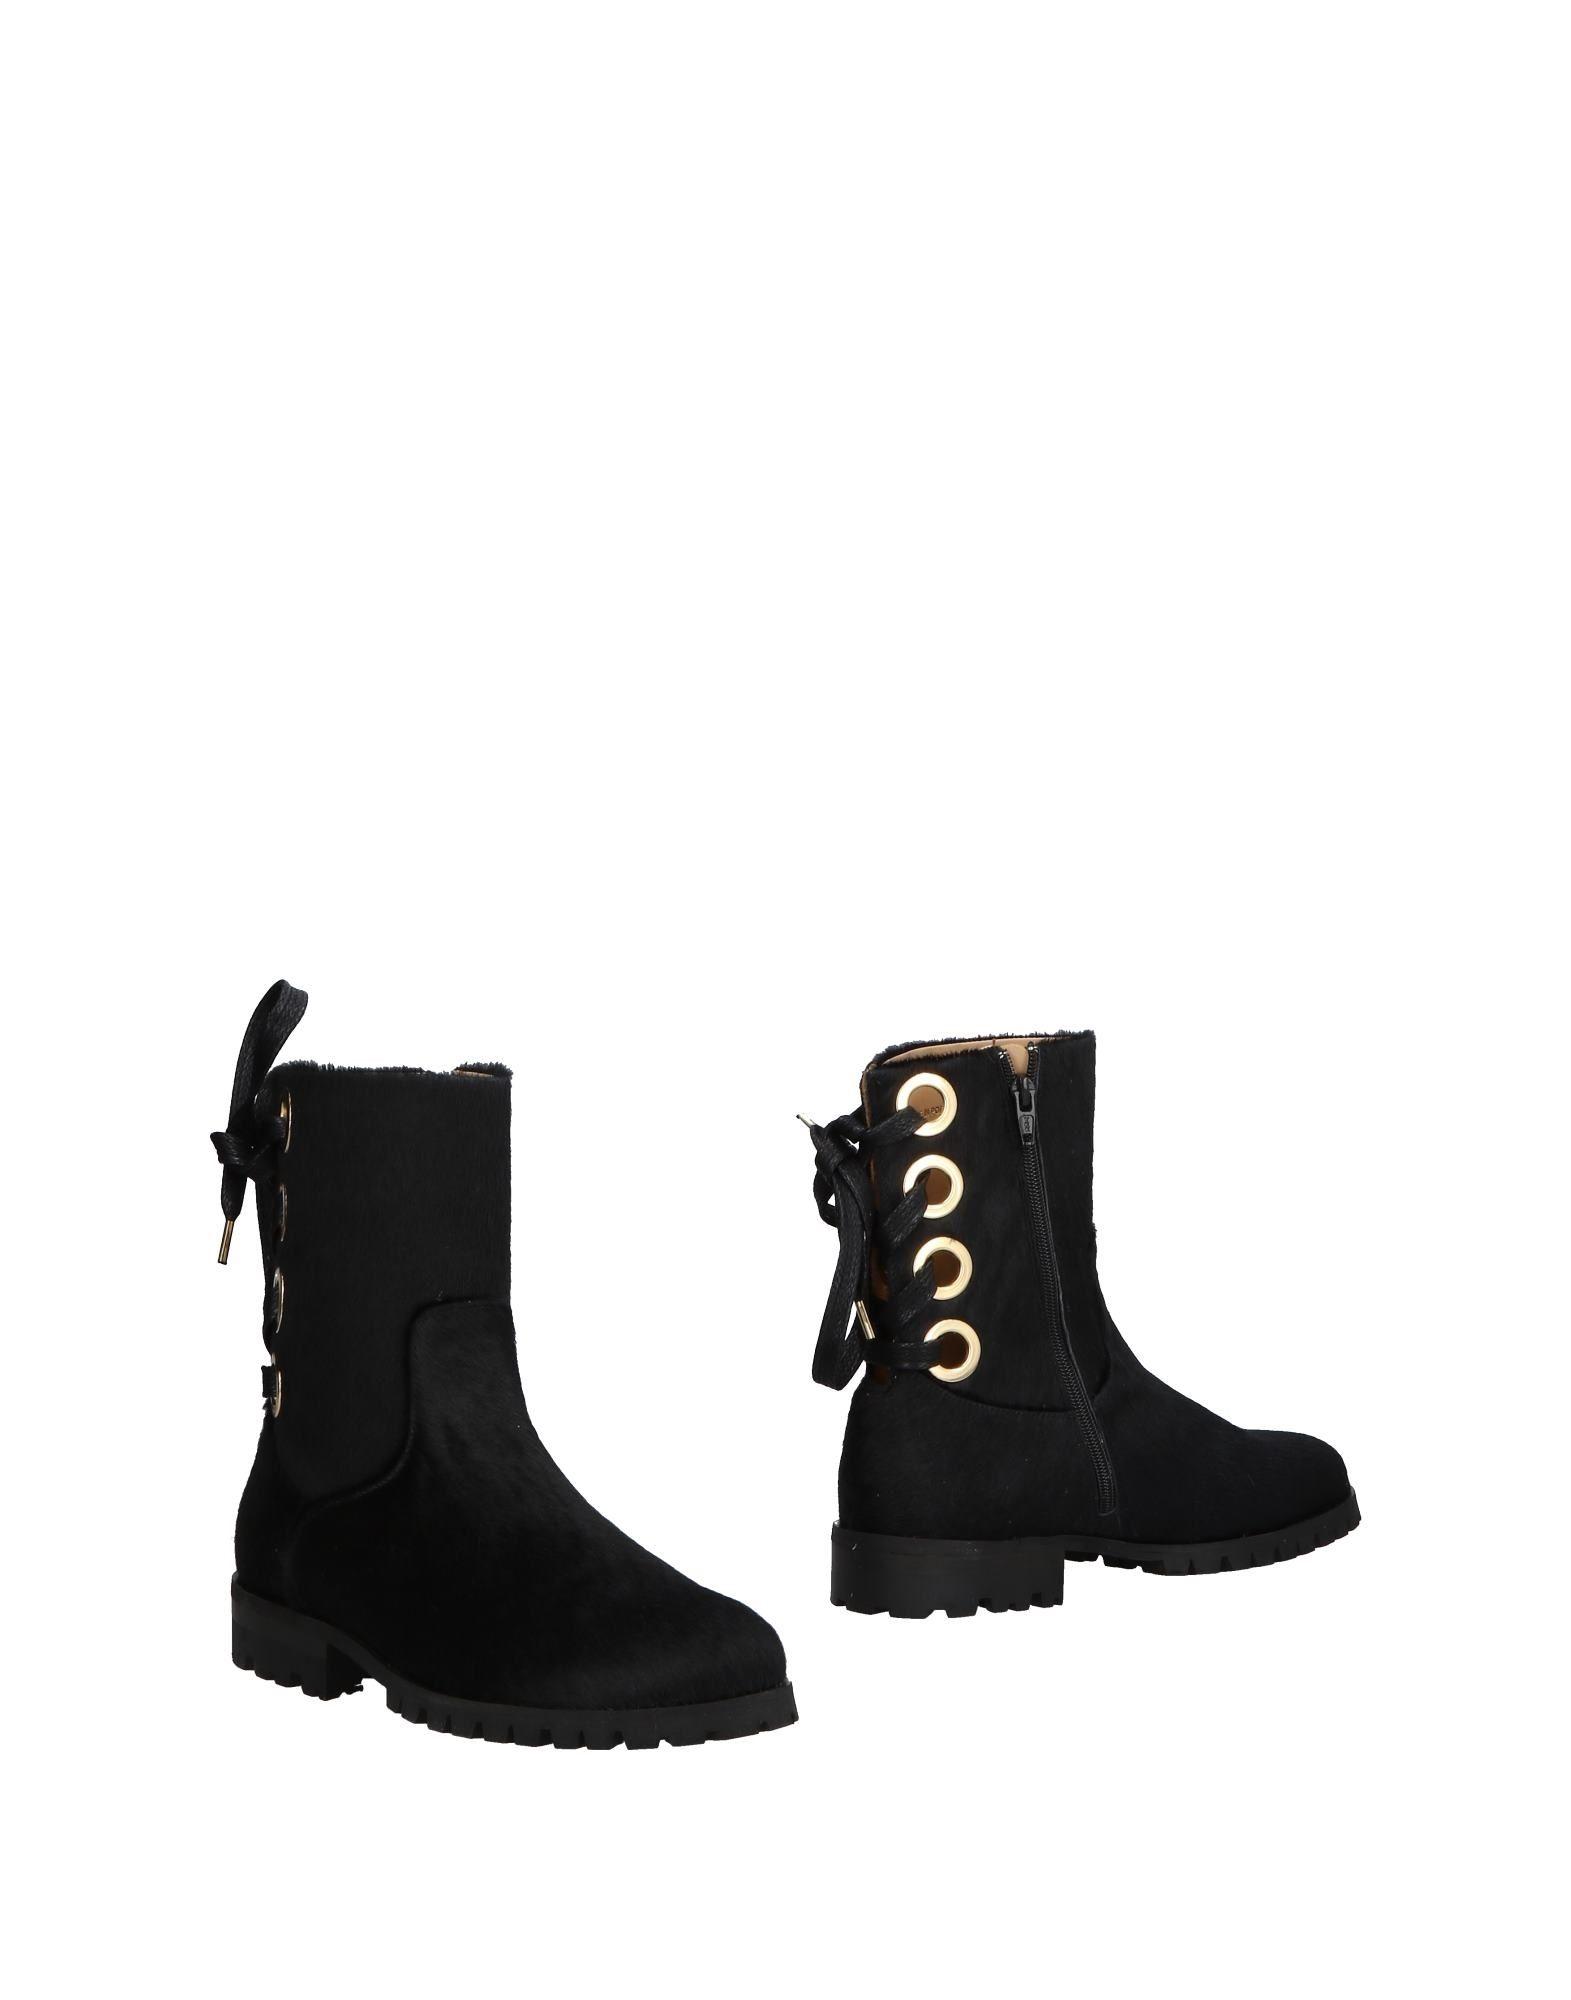 Stilvolle Stiefelette billige Schuhe Rogue Matilda Stiefelette Stilvolle Damen  11500064FB bfed9c